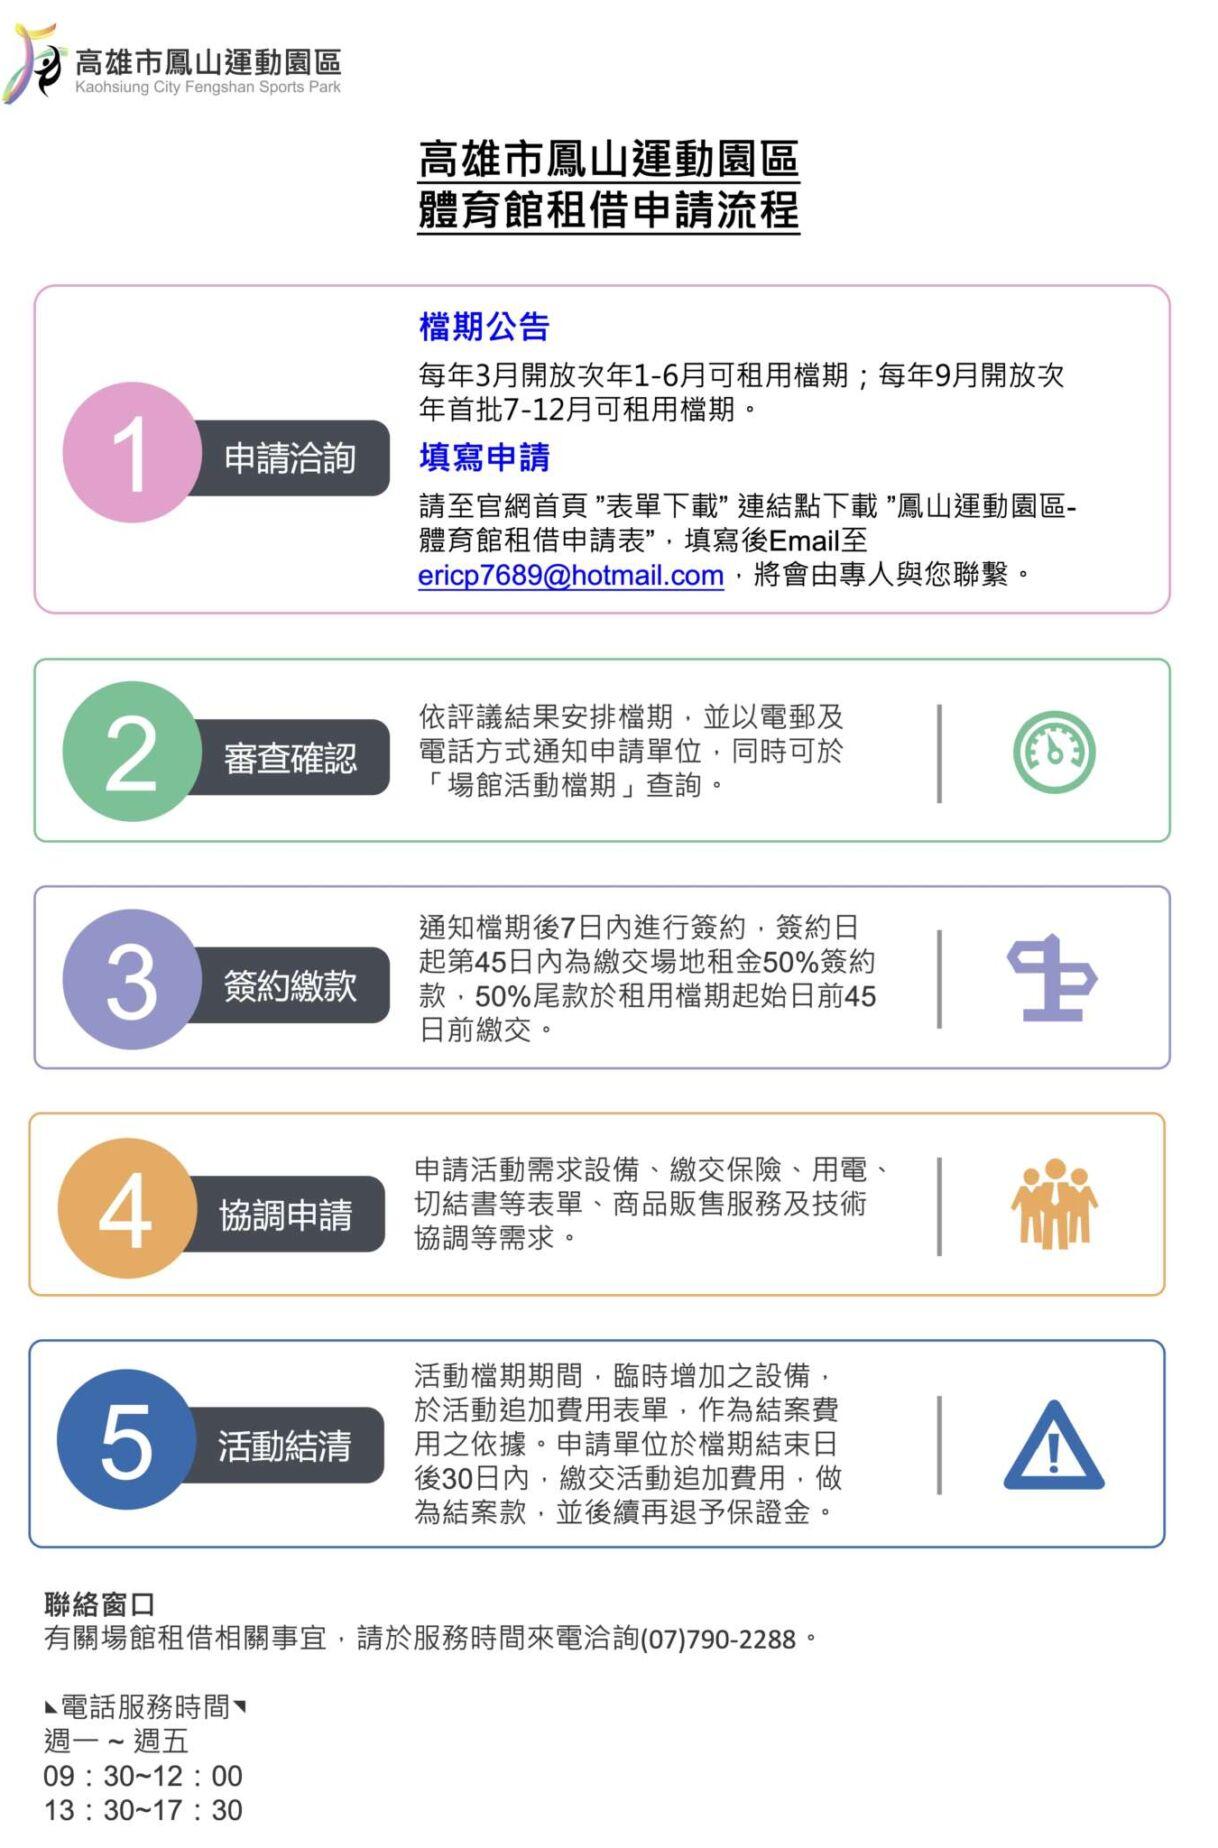 高雄市鳳山運動園區體育館租借申請流程